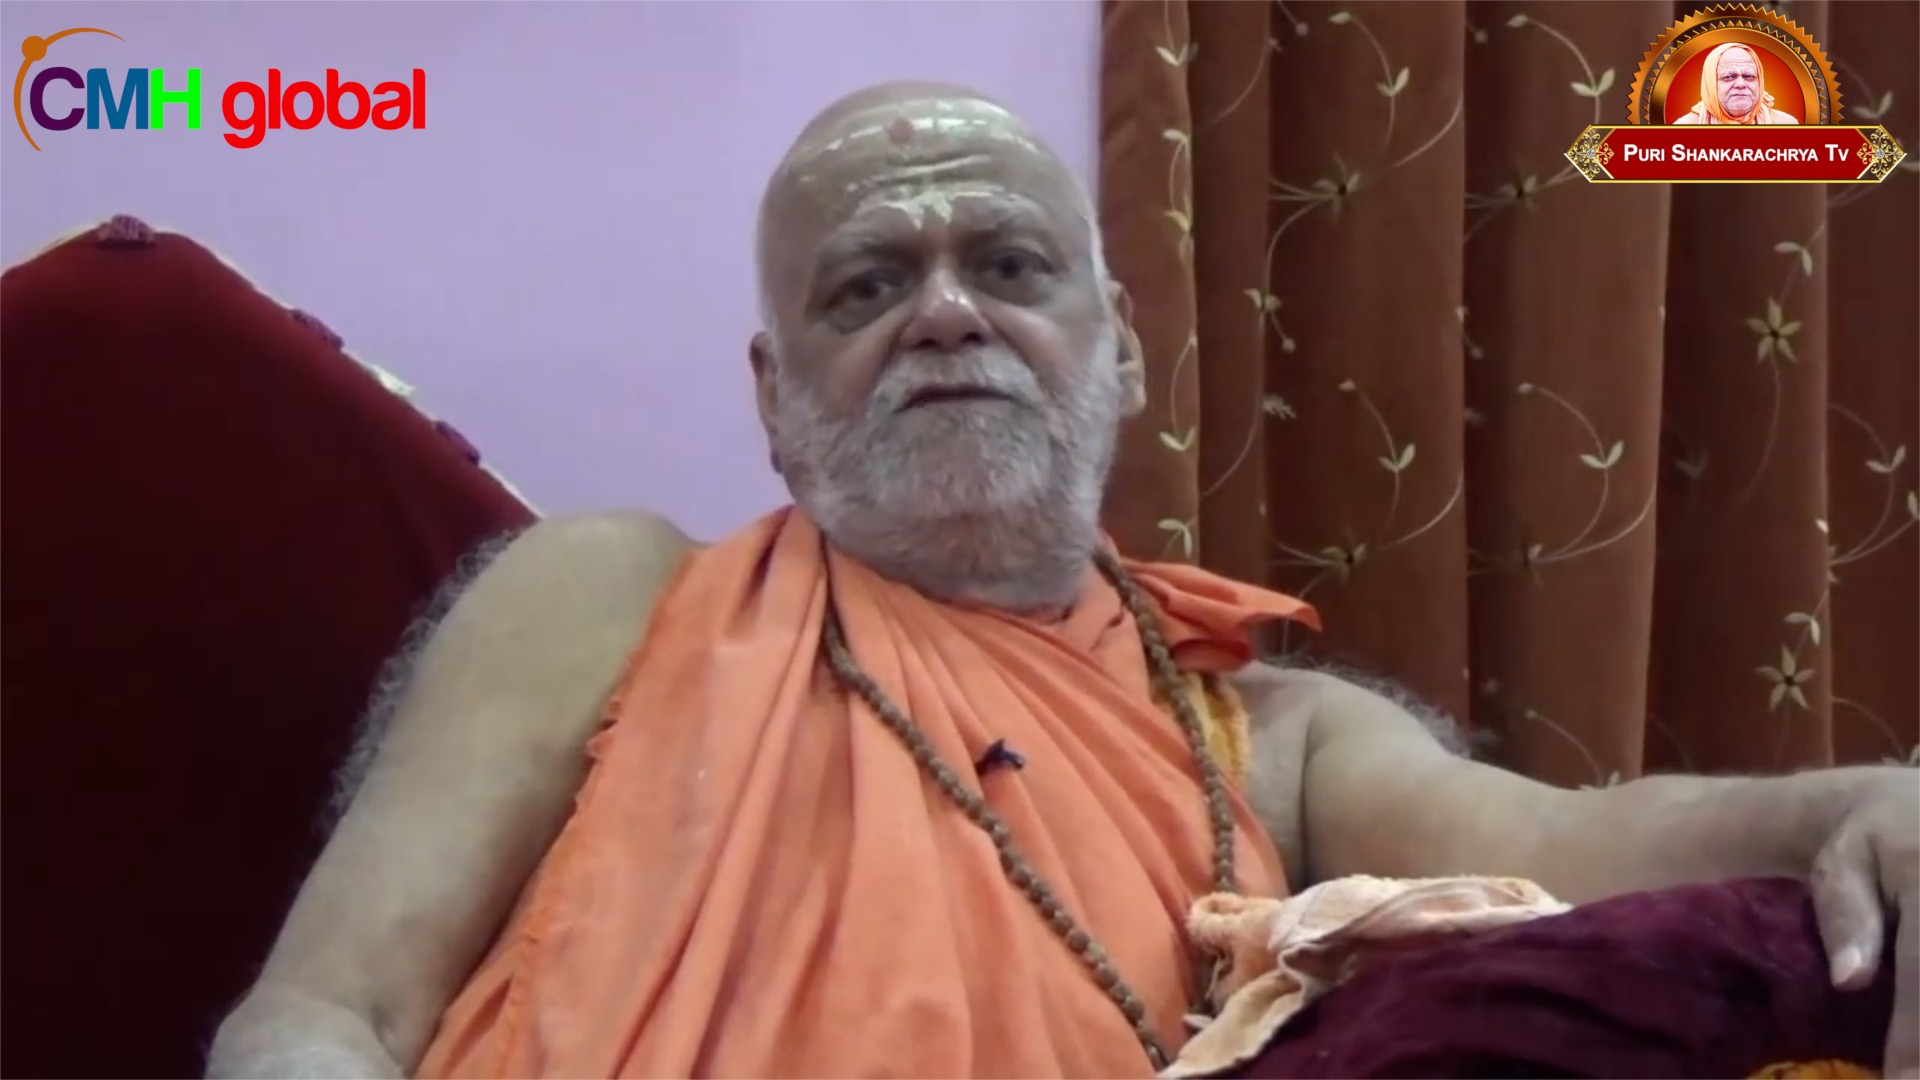 Gyan Dhara Ep -43 by Puri Shankaracharya Swami Nishchalananda Saraswati Ji